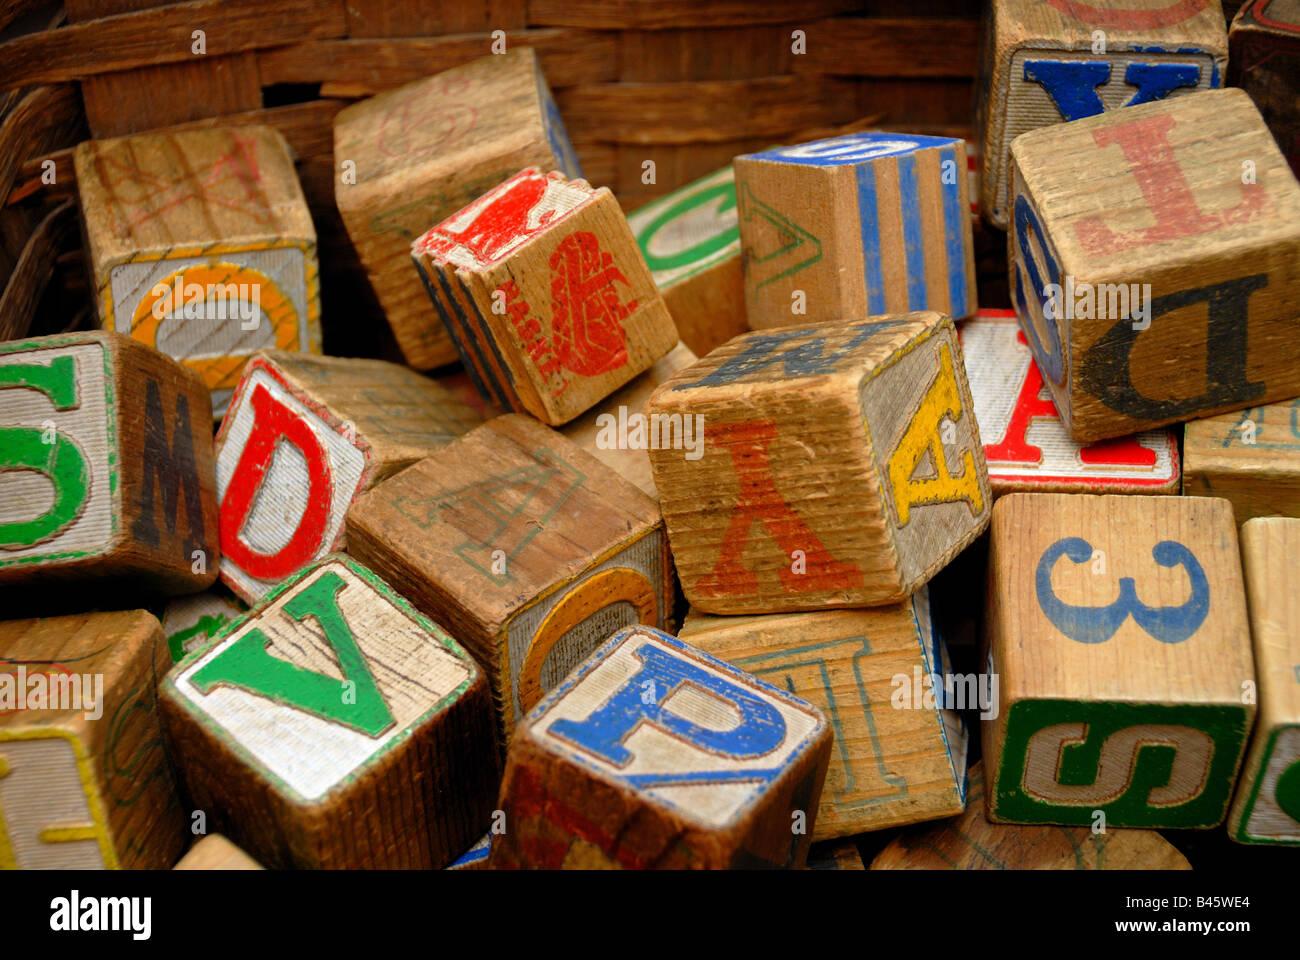 Vintage di blocchi di legno colorato con lettere e numeri su di loro in un negozio di antiquariato. Immagini Stock